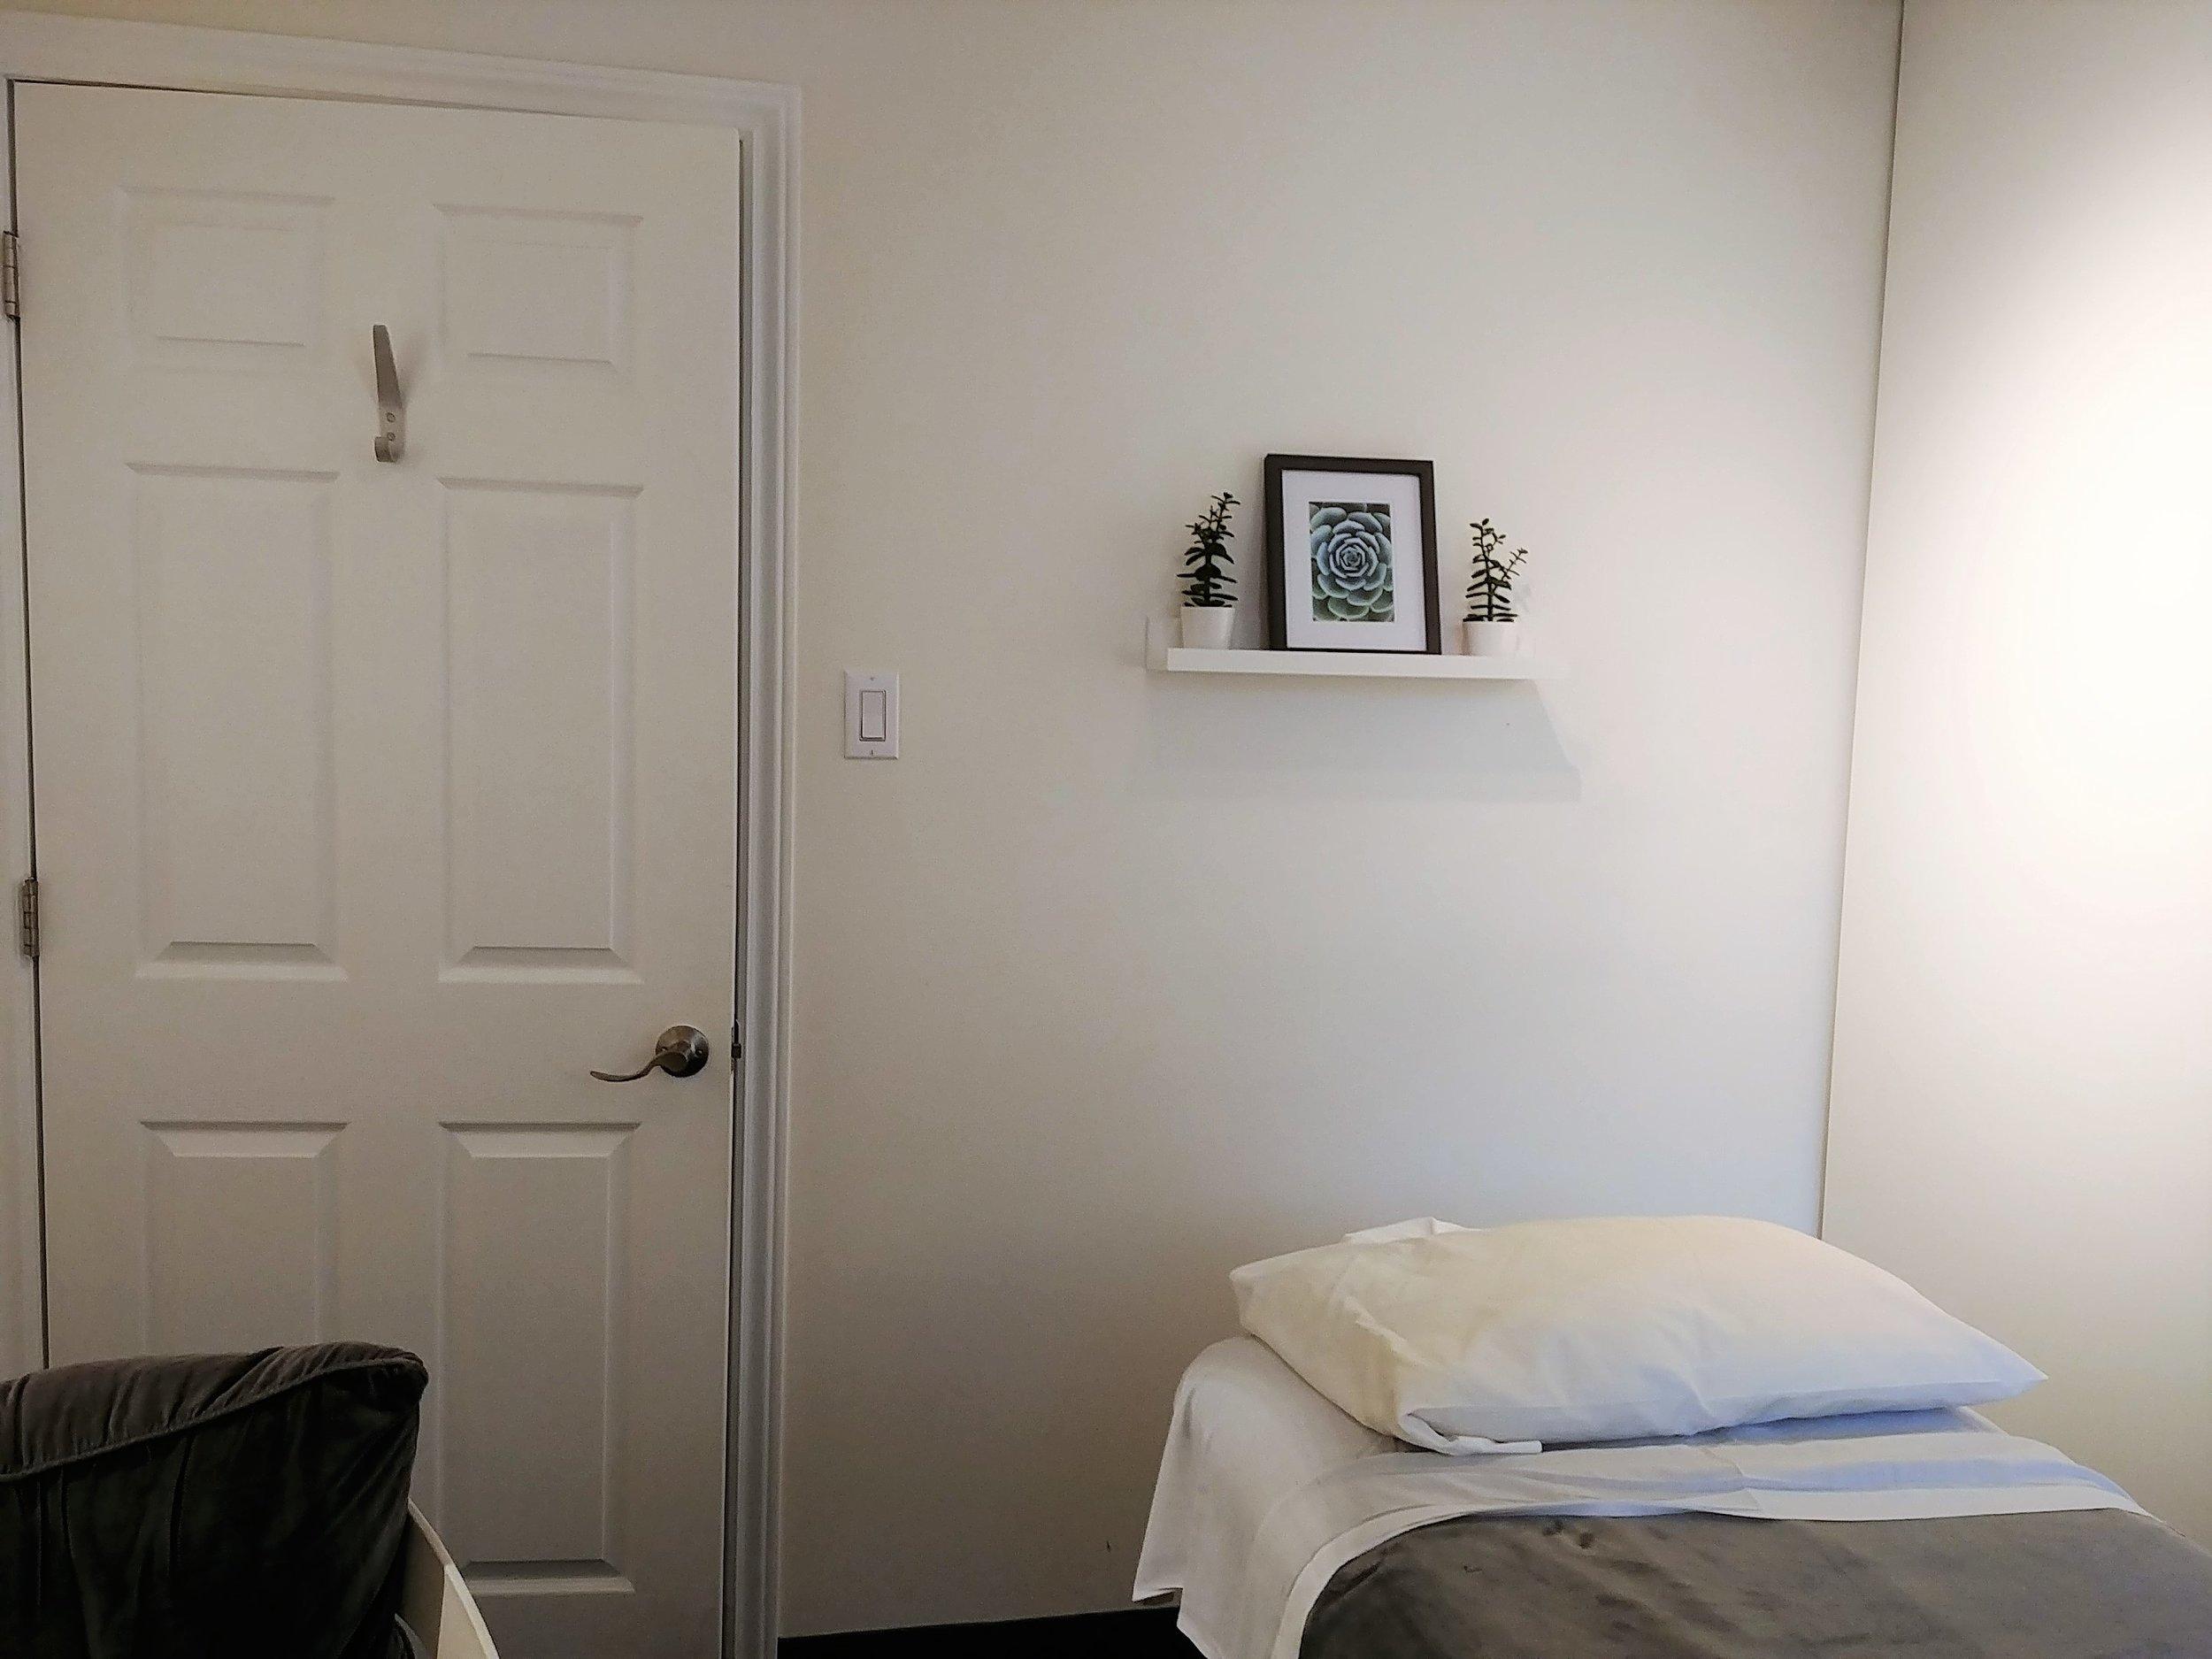 Acupuncture Treatment Room.jpg